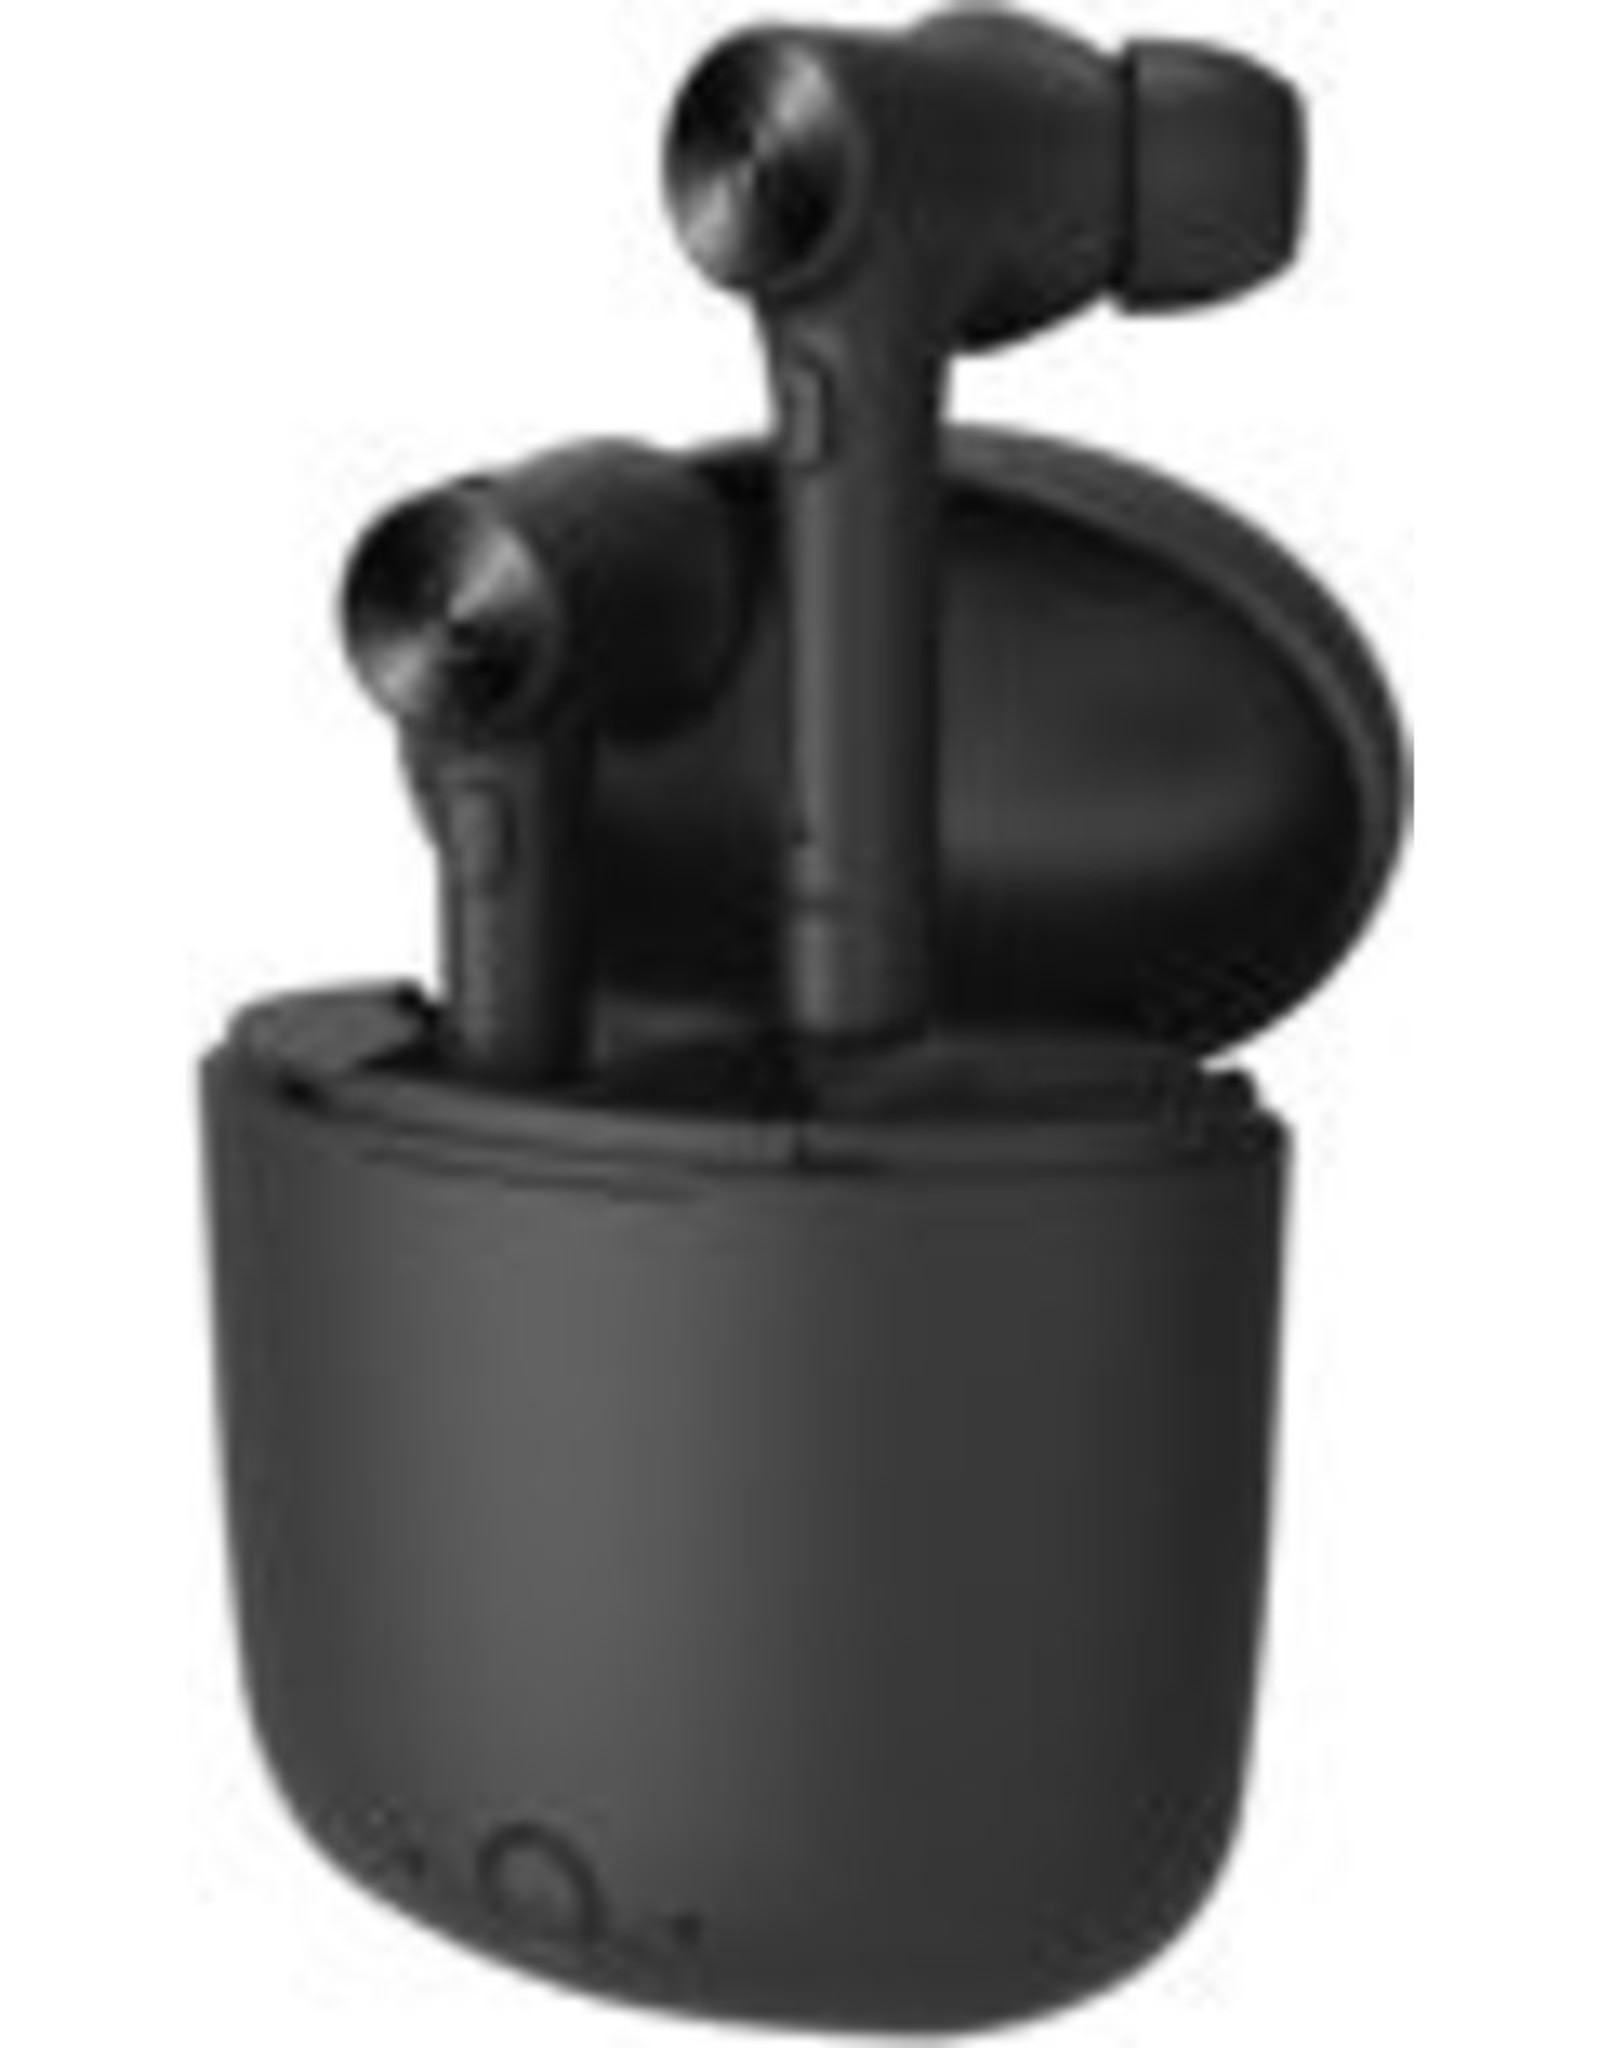 Merkloos Bluedio draadloze oordopjes met oplaadstation - Zwart